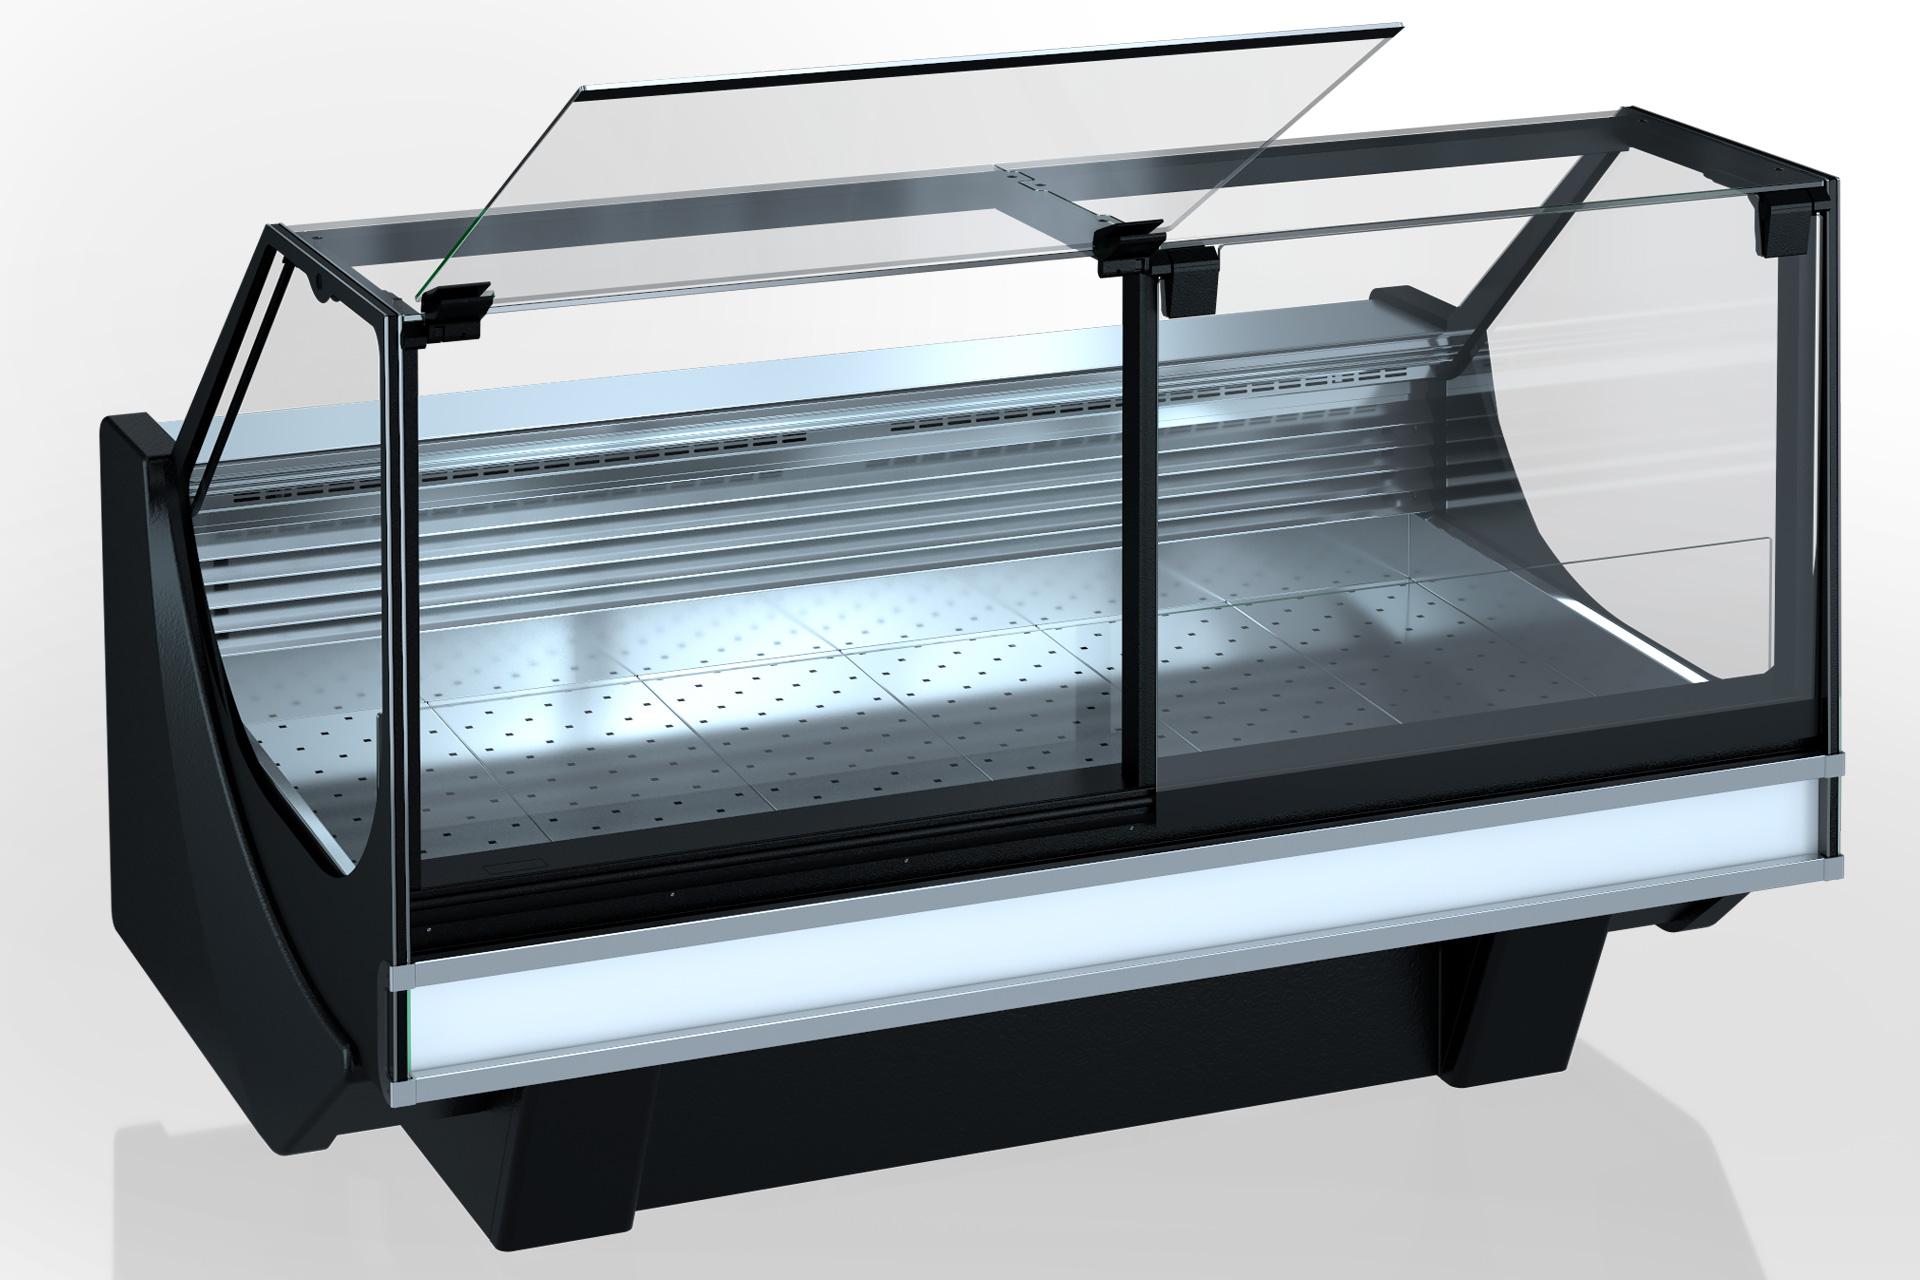 Холодильная витрина Missouri cold diamond MC 126 fish PS 130-SPLM/SPLA